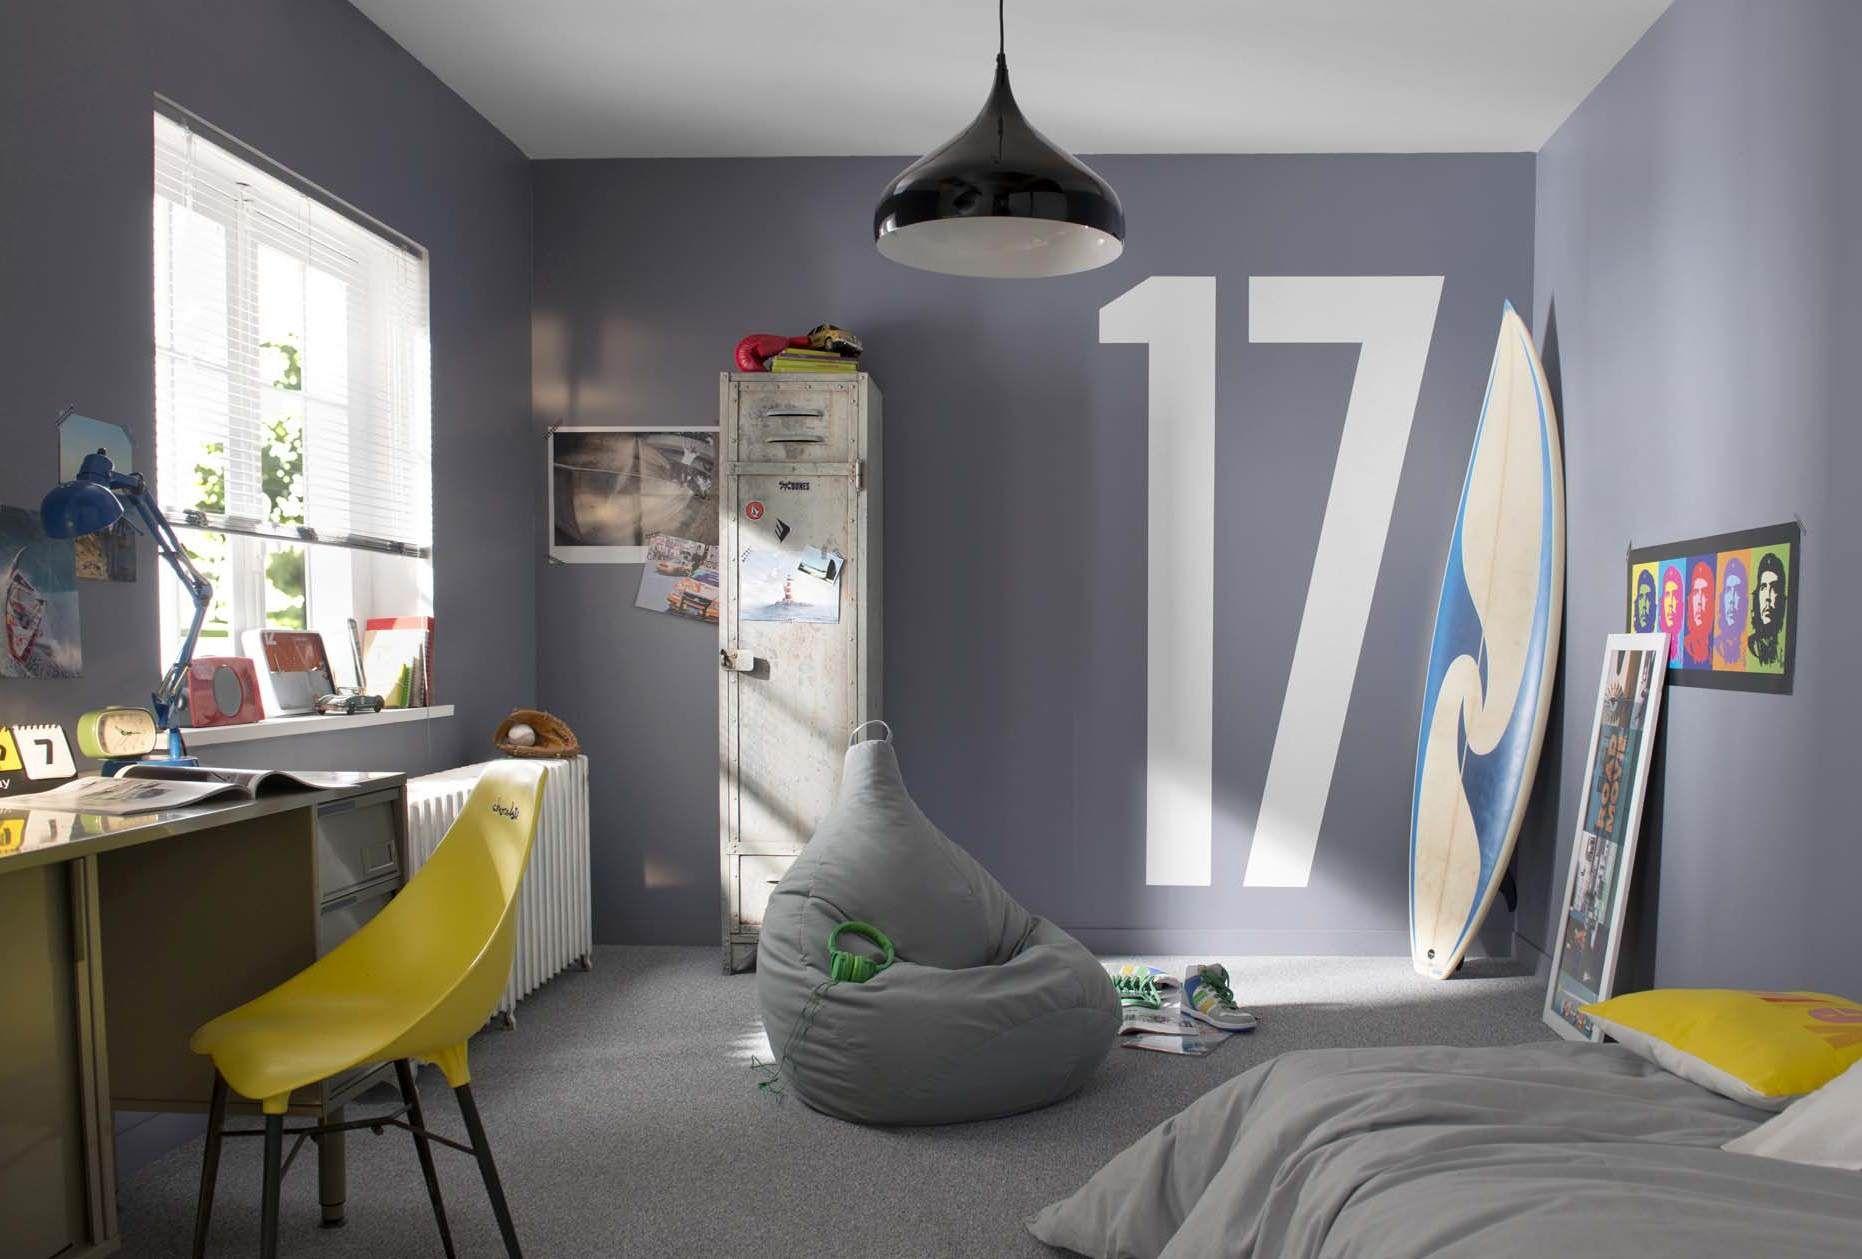 Toute habillée de peinture grise coloris manganèse, cette chambre